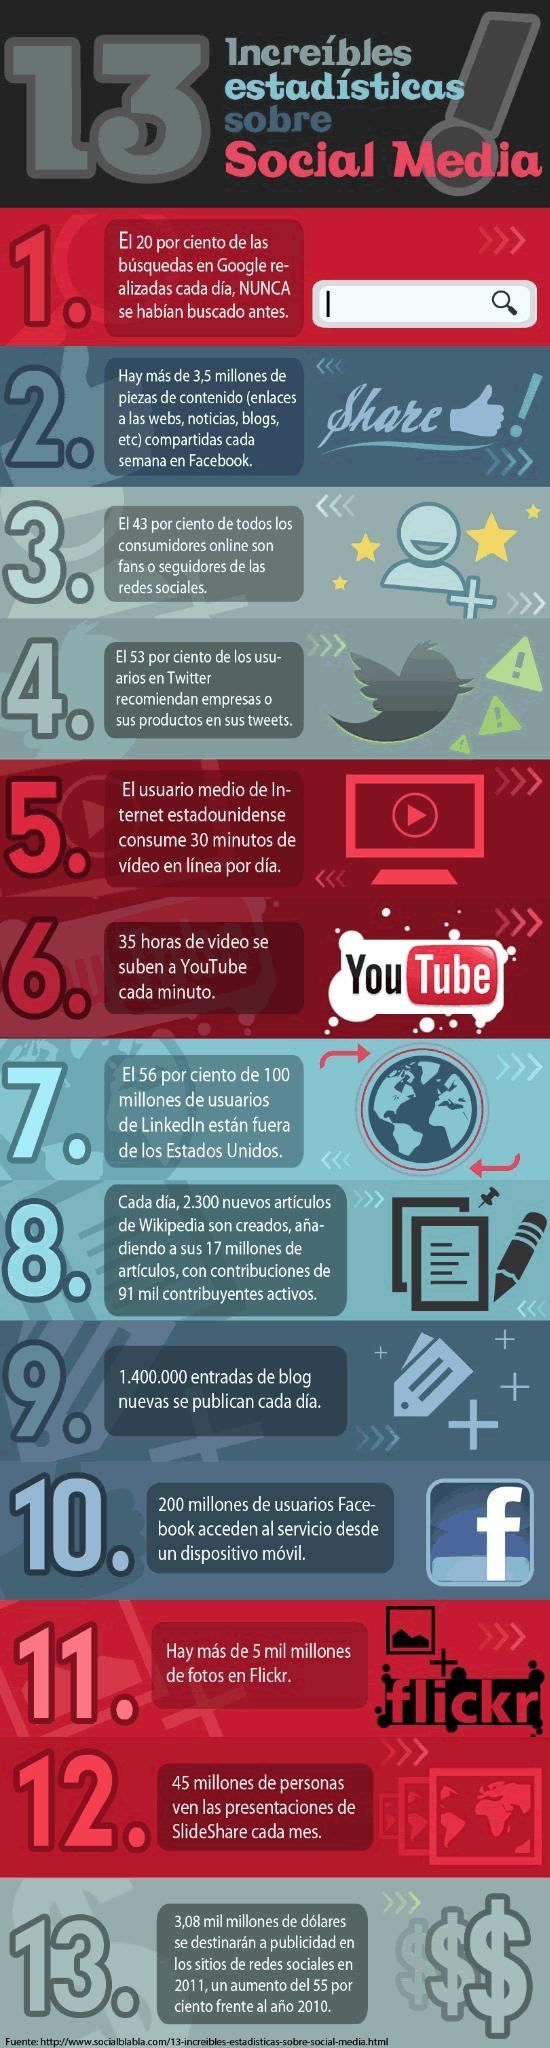 13 estadísticas increíbles sobre Social Media